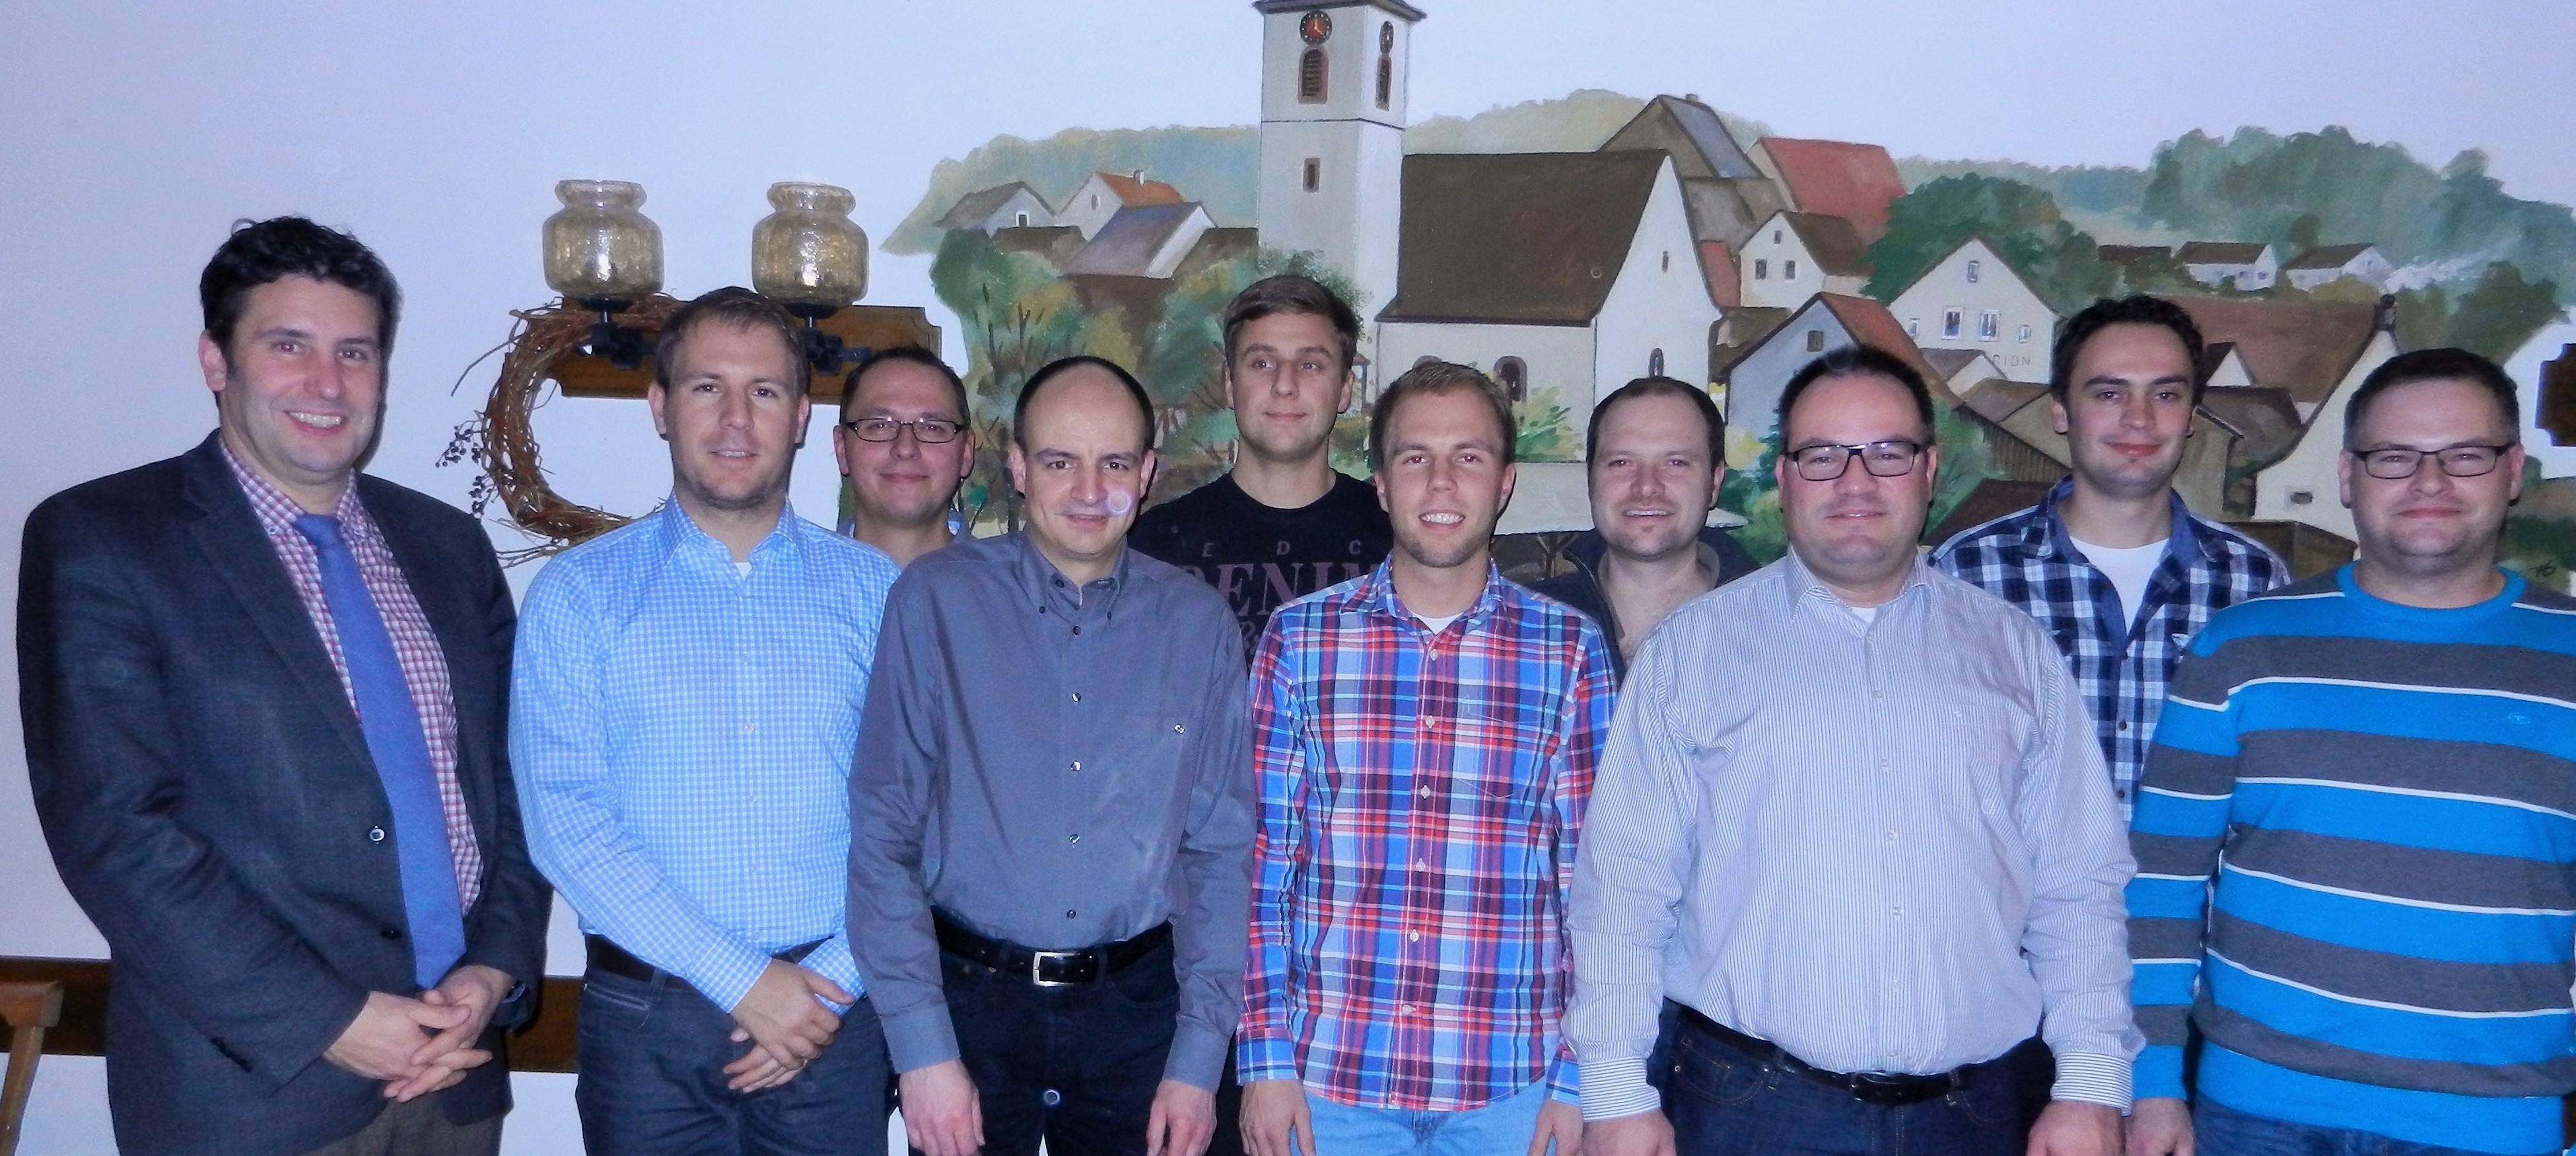 Die Vorstandschaft der Freiwilligen Feuerwehr Unterwittbach